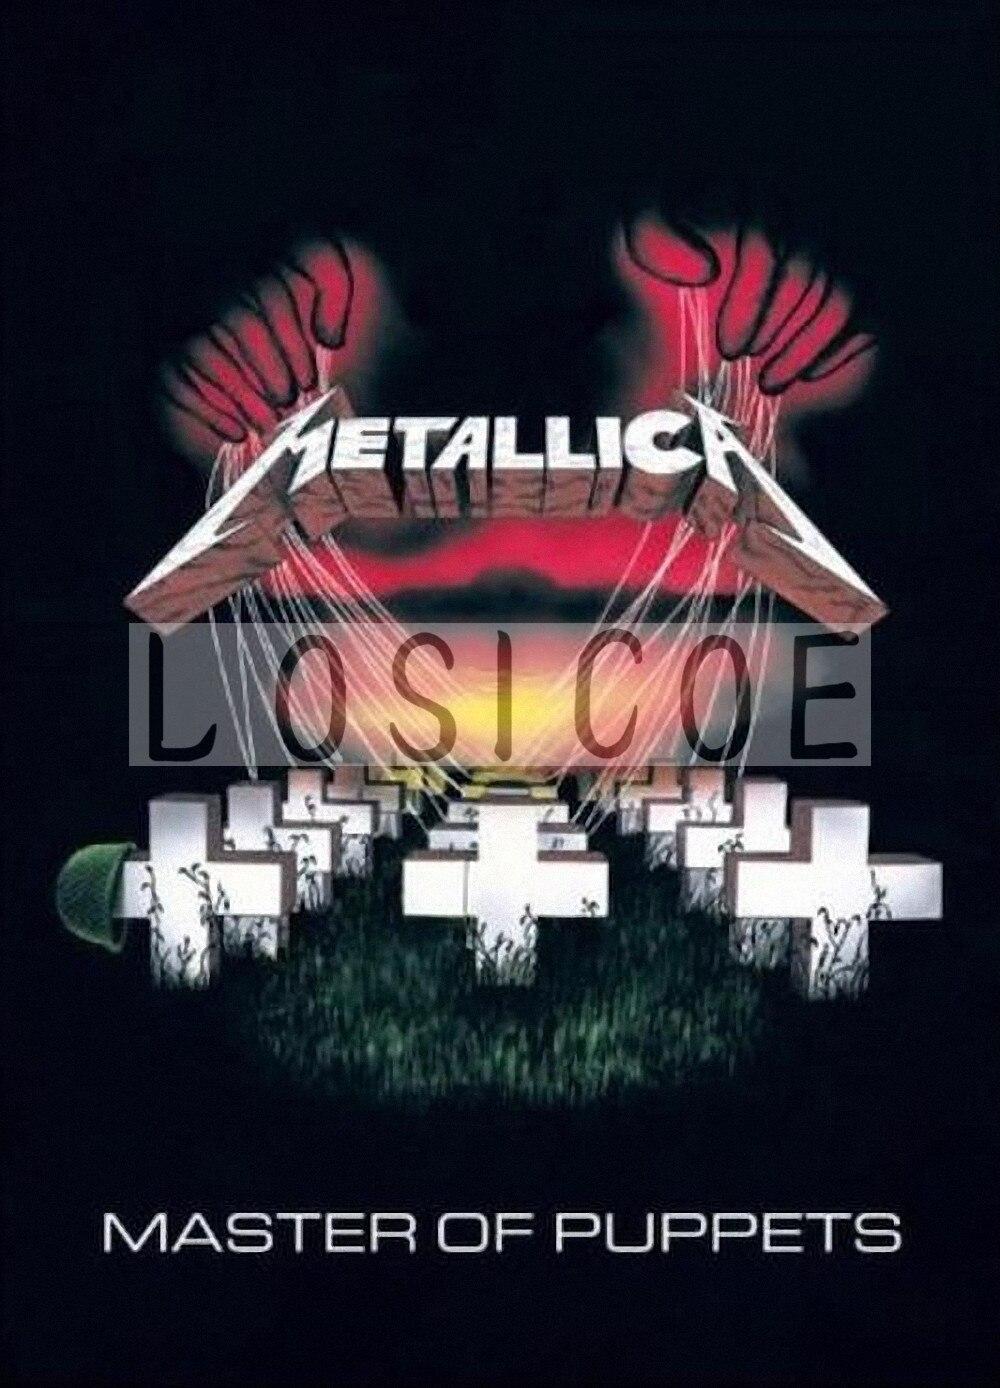 Metallica Retro kraftpapier poster flip grafik wandaufkleber malerei ...